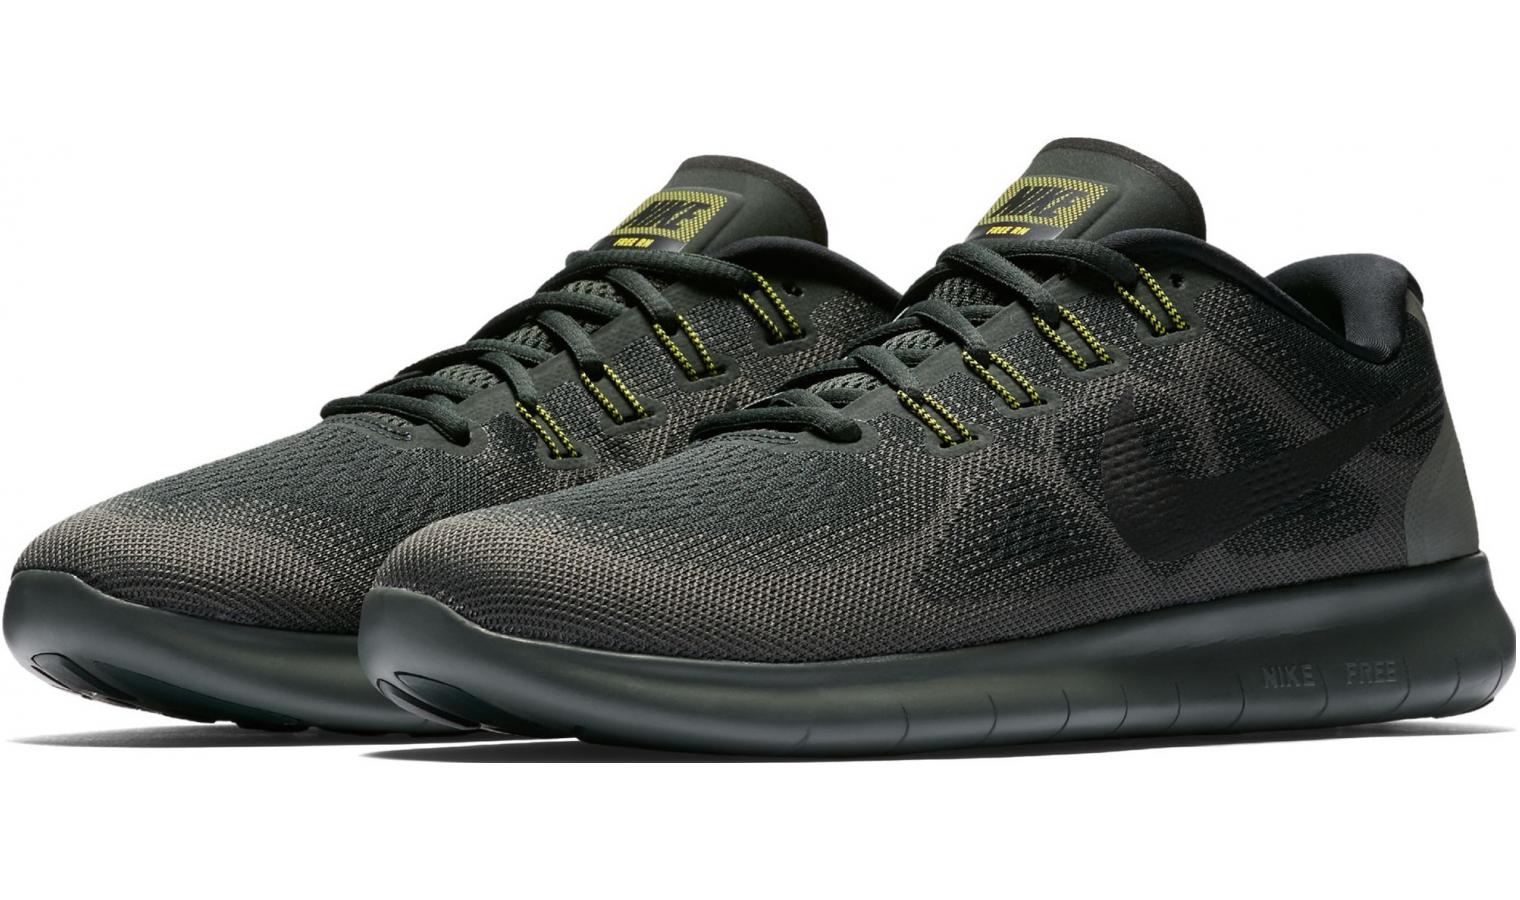 5589668b2a1 Pánské běžecké boty Nike FREE RN 2017 černé